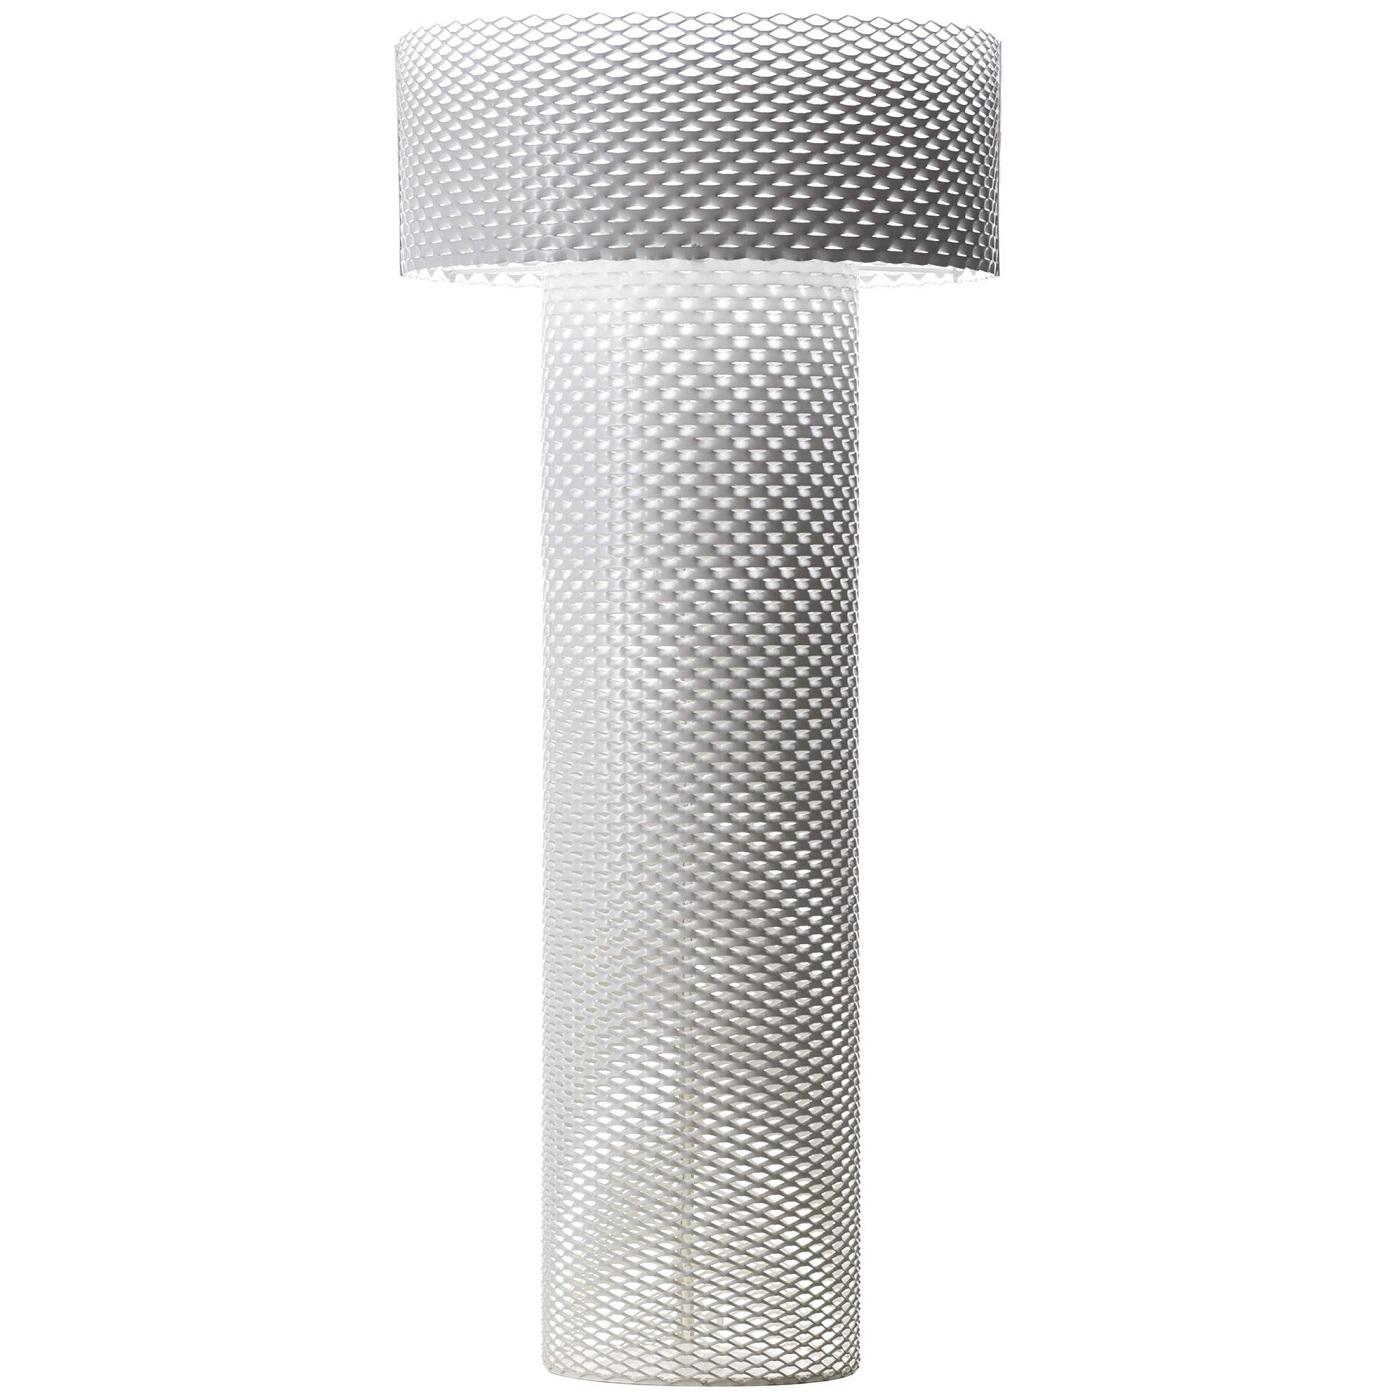 Cappellini designové stojací lampy Lace Metal